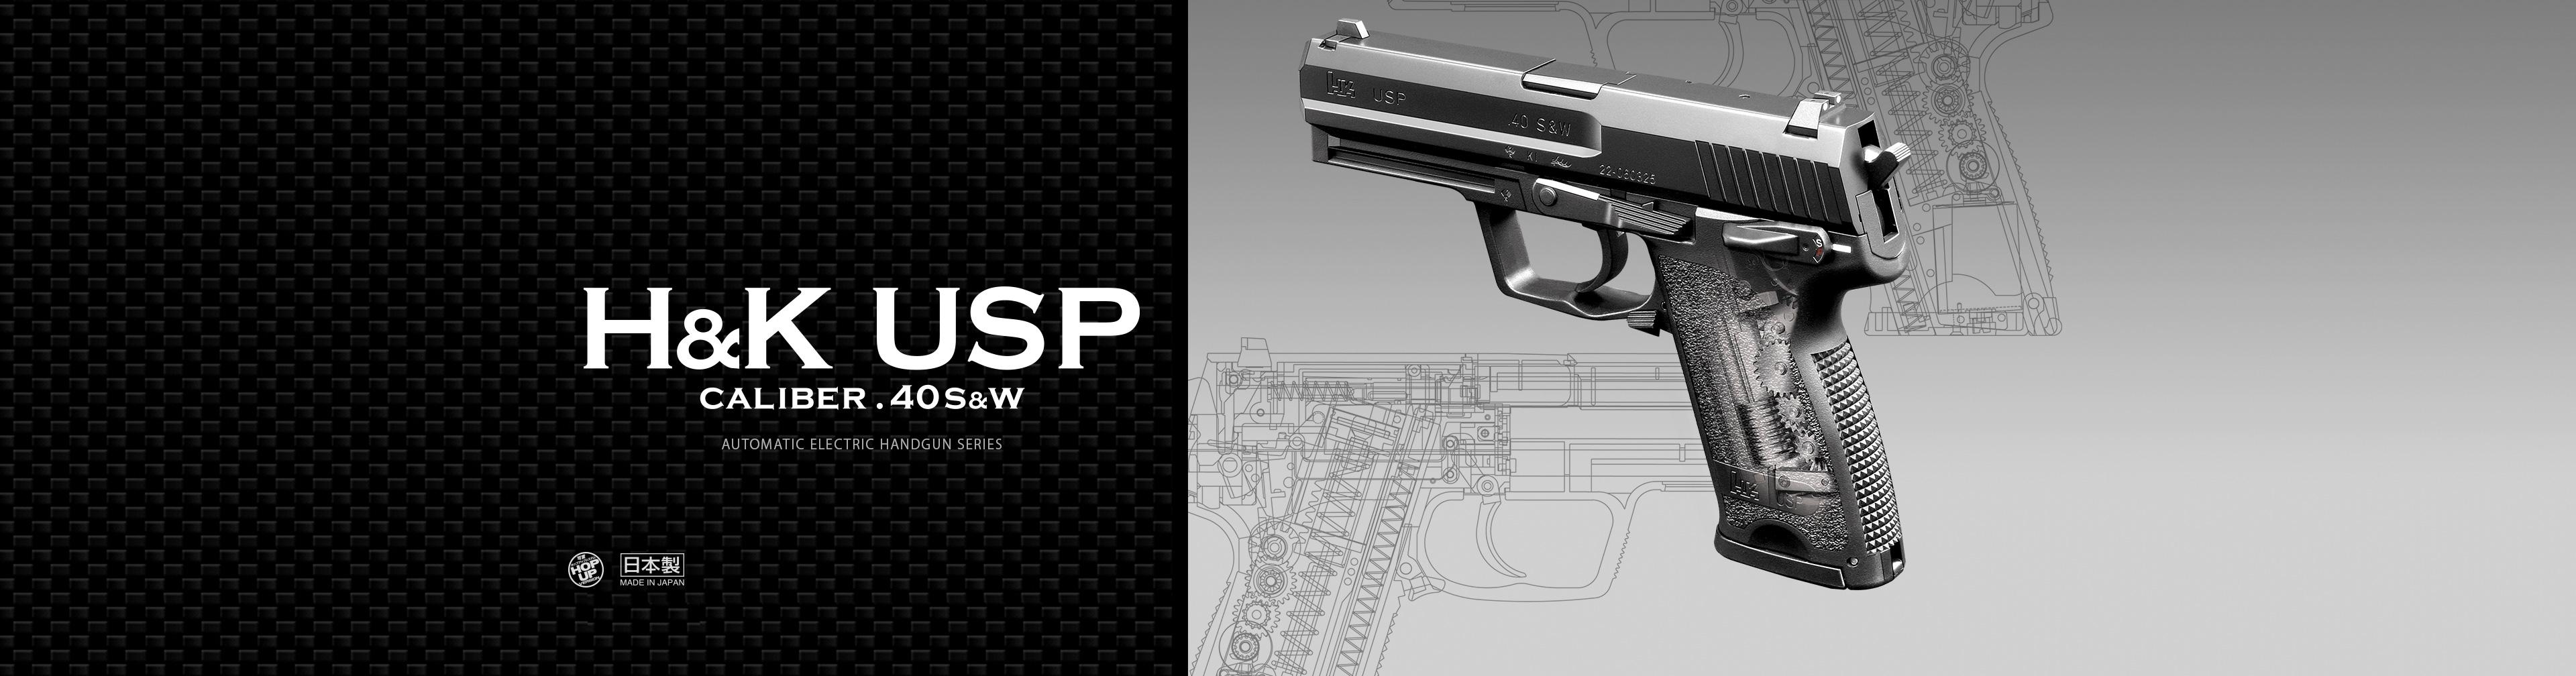 H&K USP